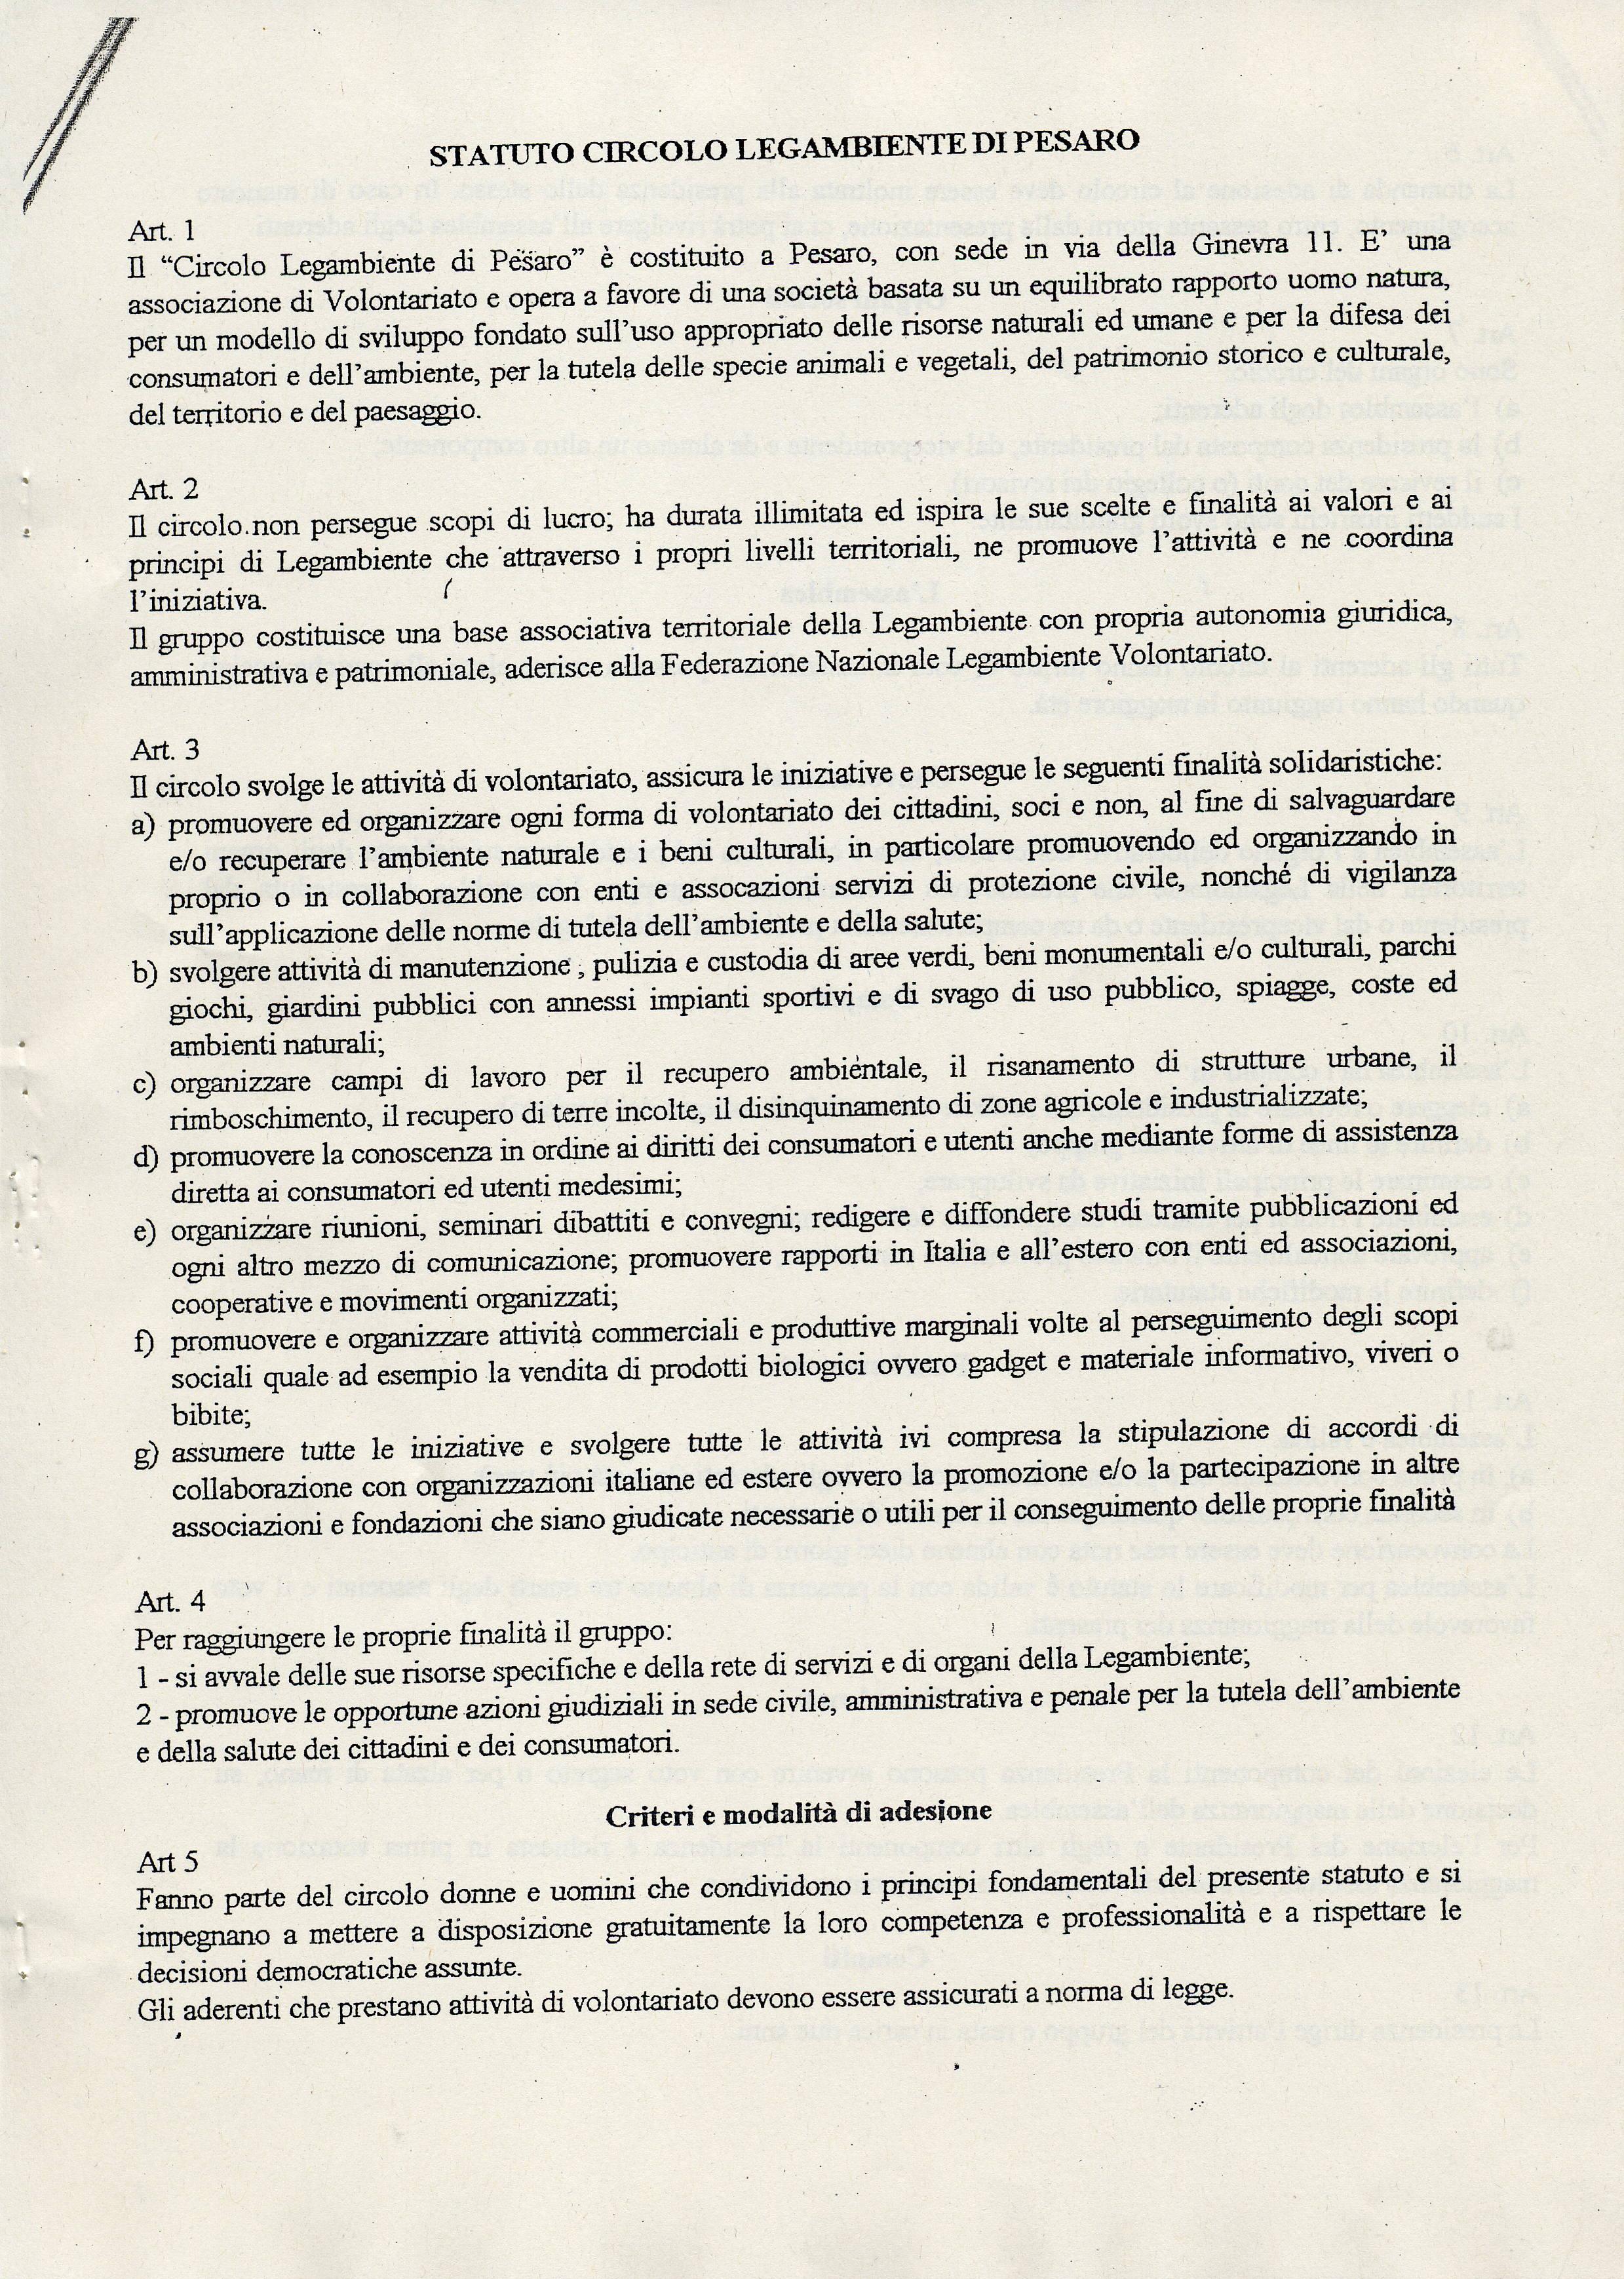 Pagina 1 dello Statuto